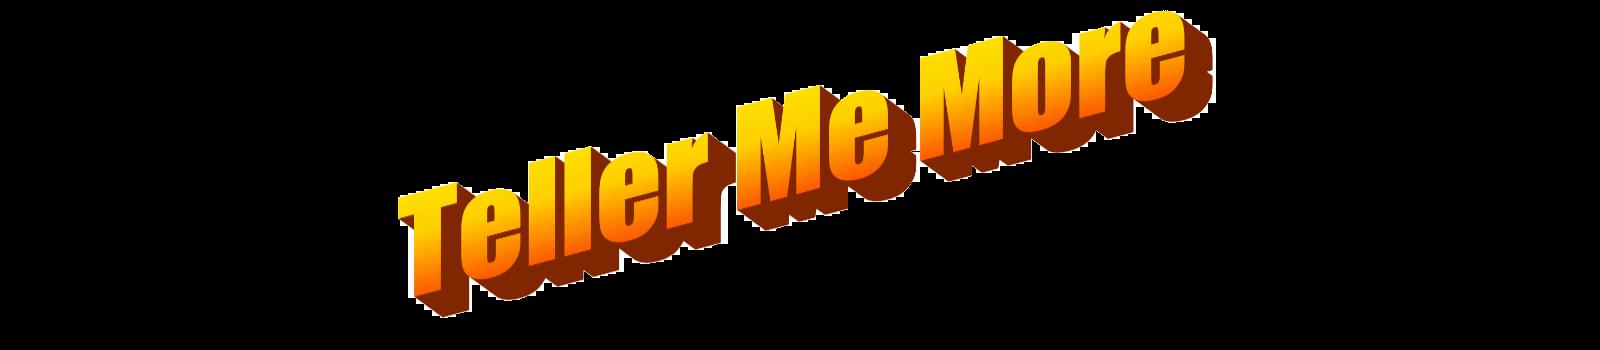 Teller me more